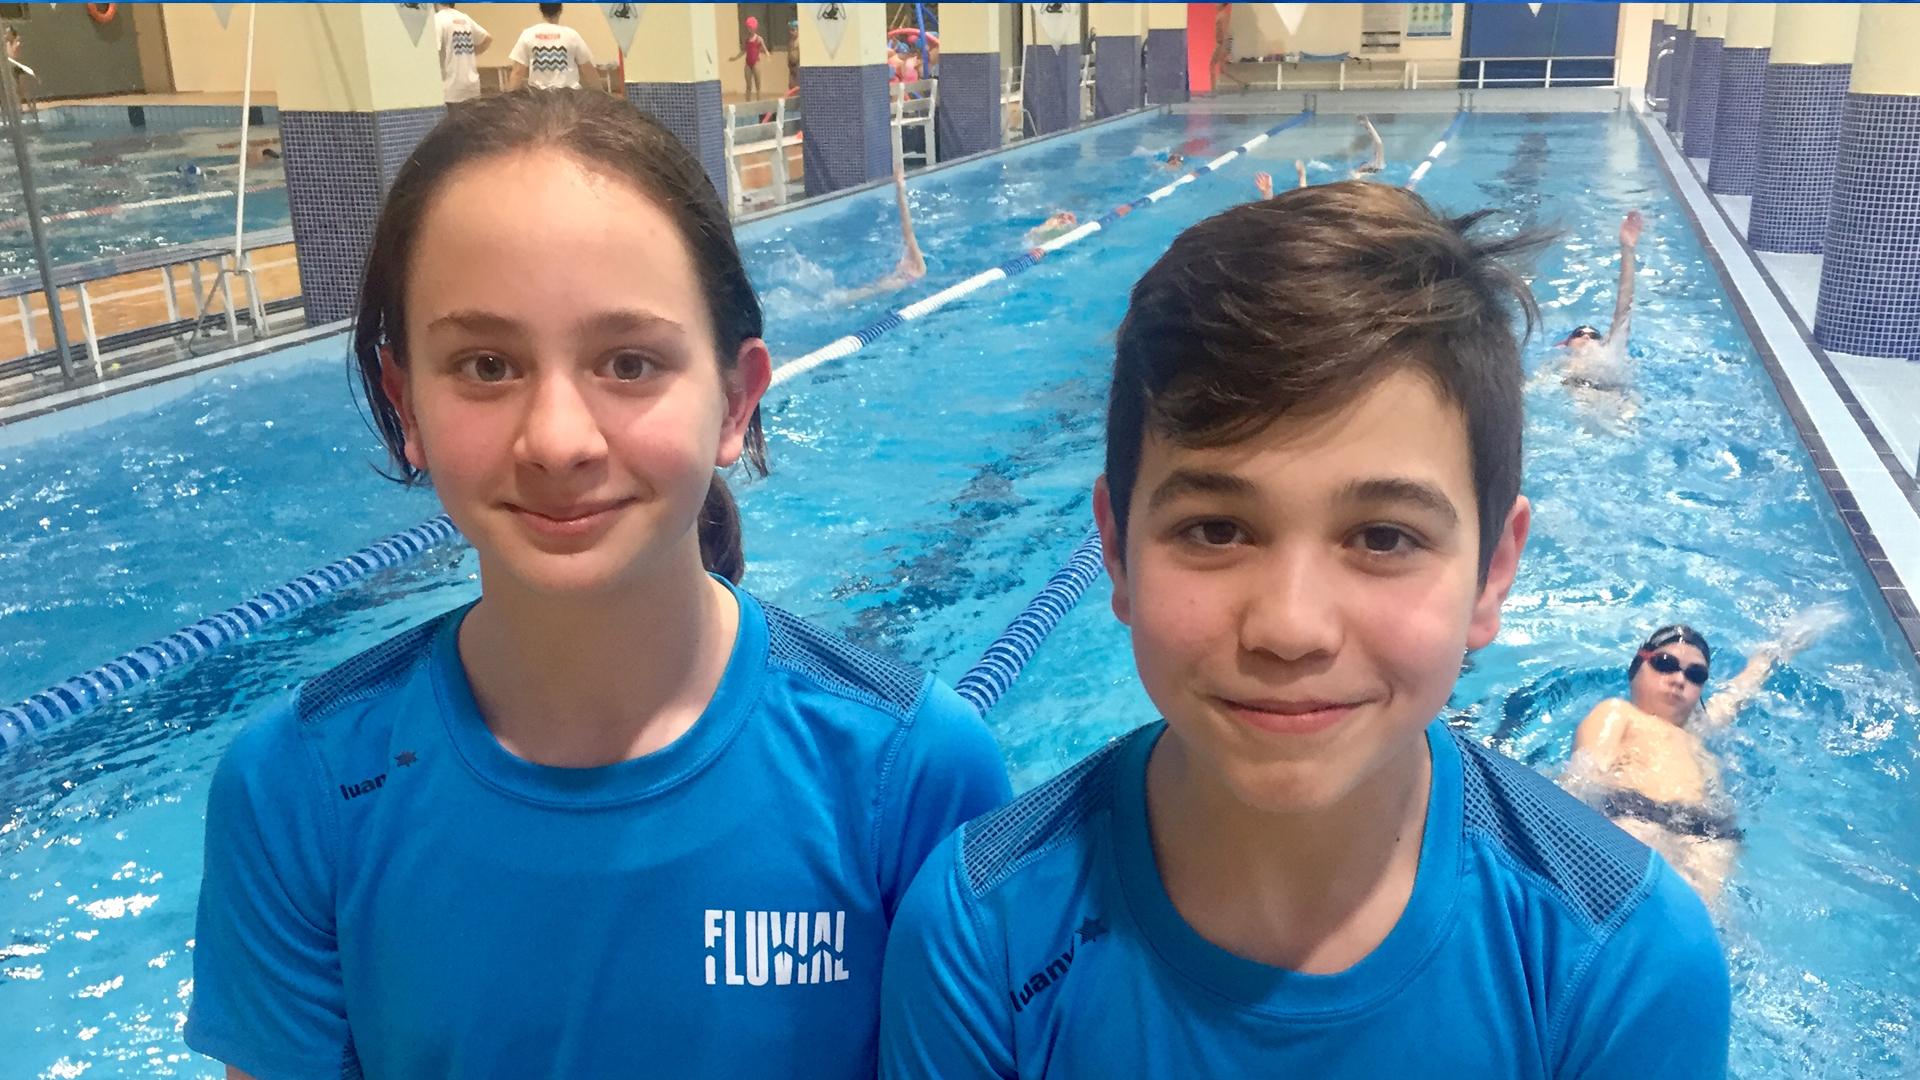 Lucía Diéguez y Ánder Gómez representarán al Fluvial en el campeonato de España